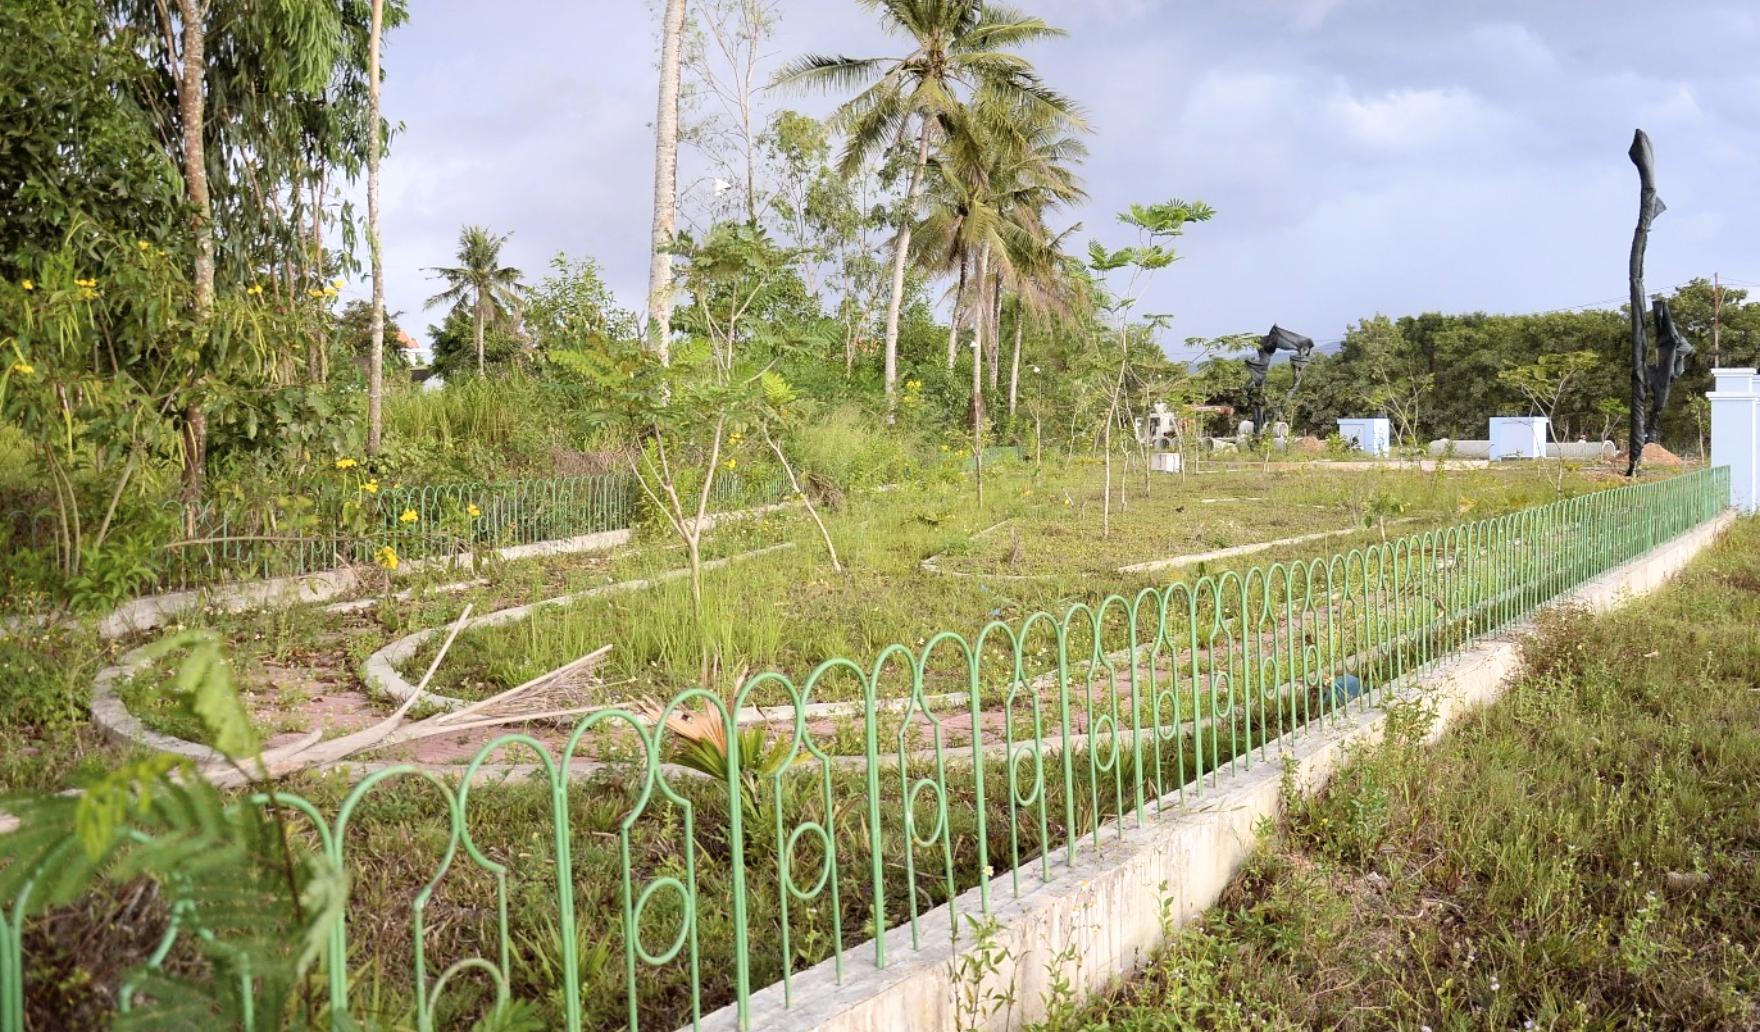 Quảng Ngãi: Dân chê công viên làm 1 tỉ đồng lãng phí, cỏ dại mọc um tùm - Ảnh 2.